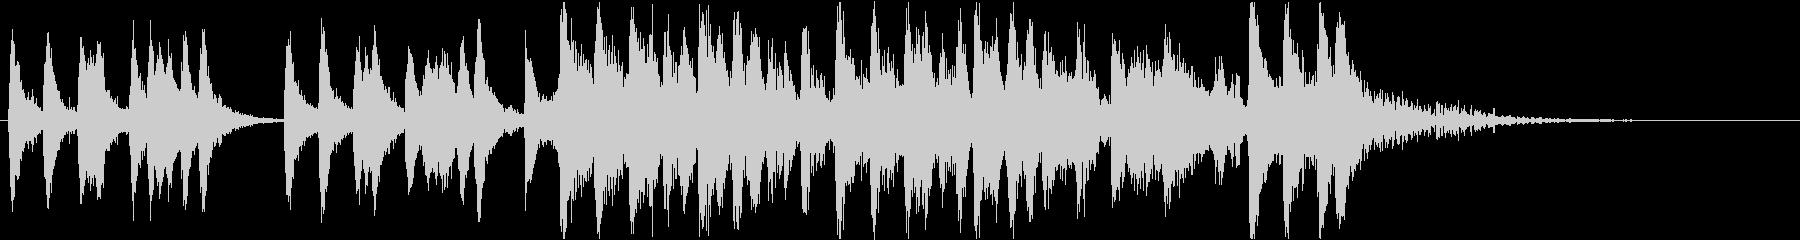 イントロ、弦、ストリングス、気品、知的の未再生の波形